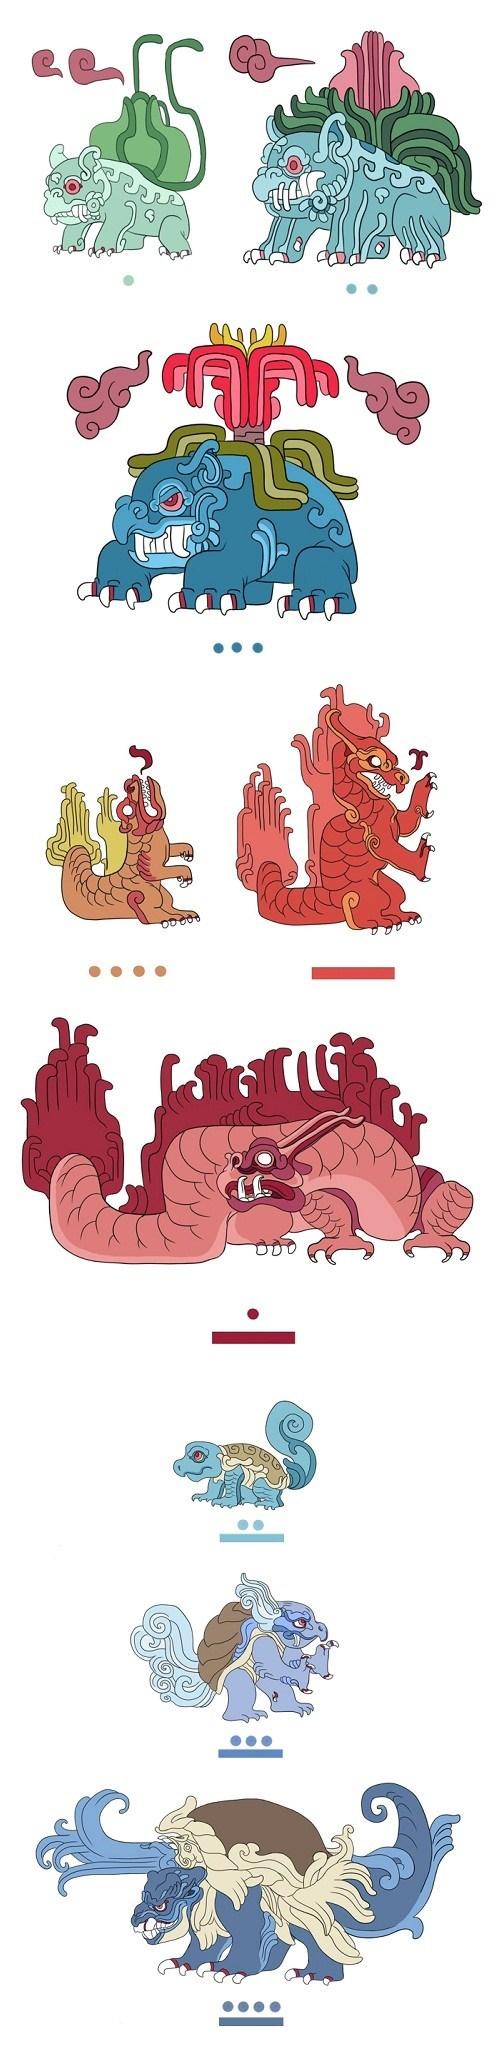 Pokémon art starters blastoise charizard mayans venasaur - 7130036480